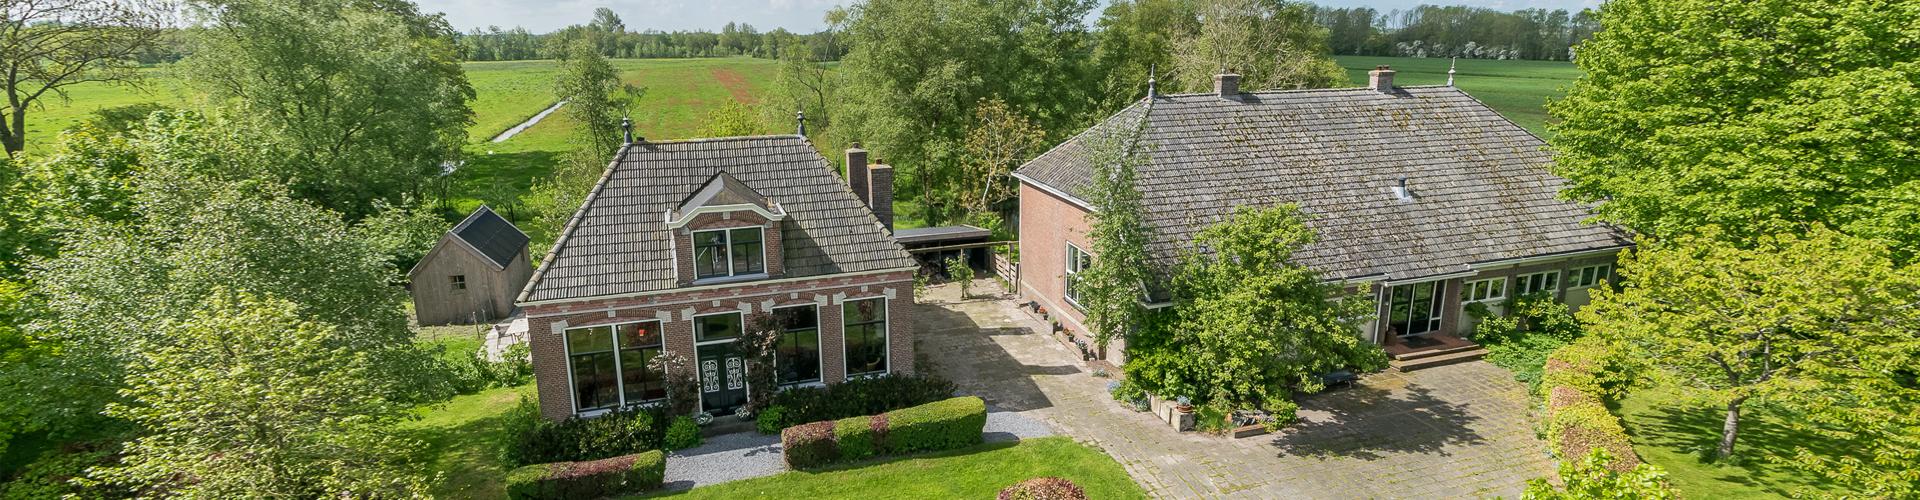 Bijzonder wonen Friesland Schoolmeesterswoning